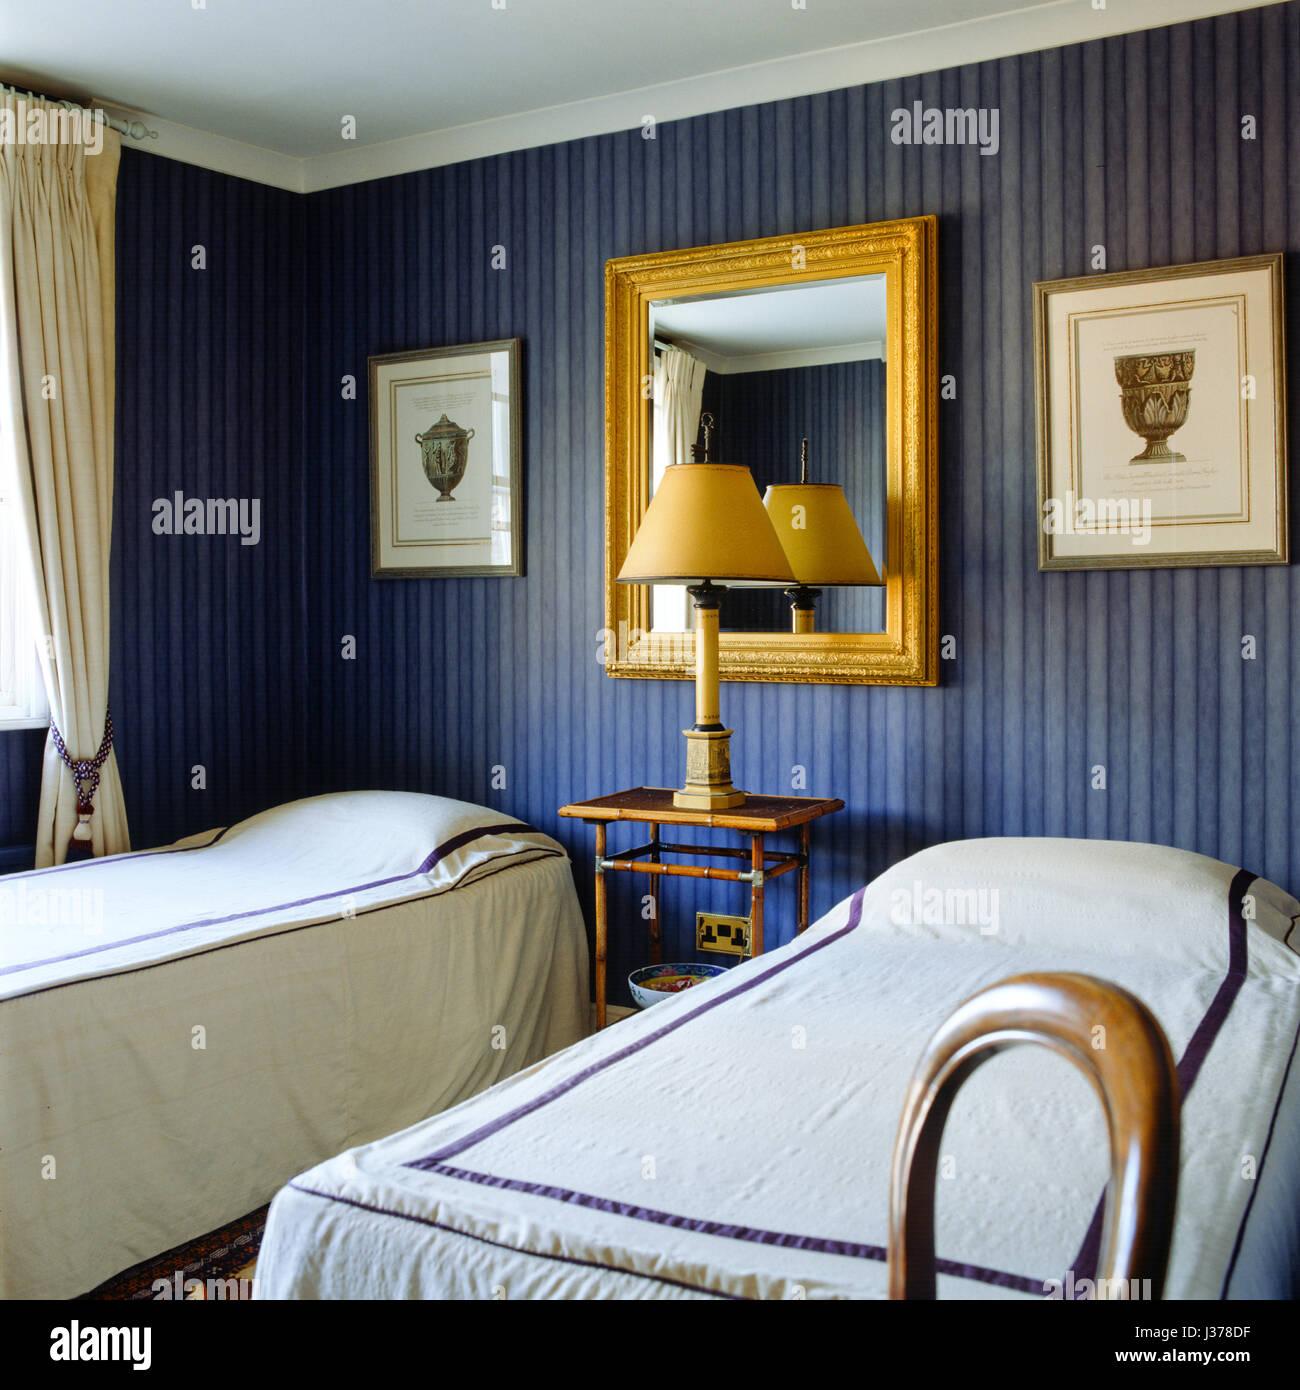 Turbo Schlafzimmer mit blau gestreifte Tapete Stockfoto, Bild: 139687227 CS98